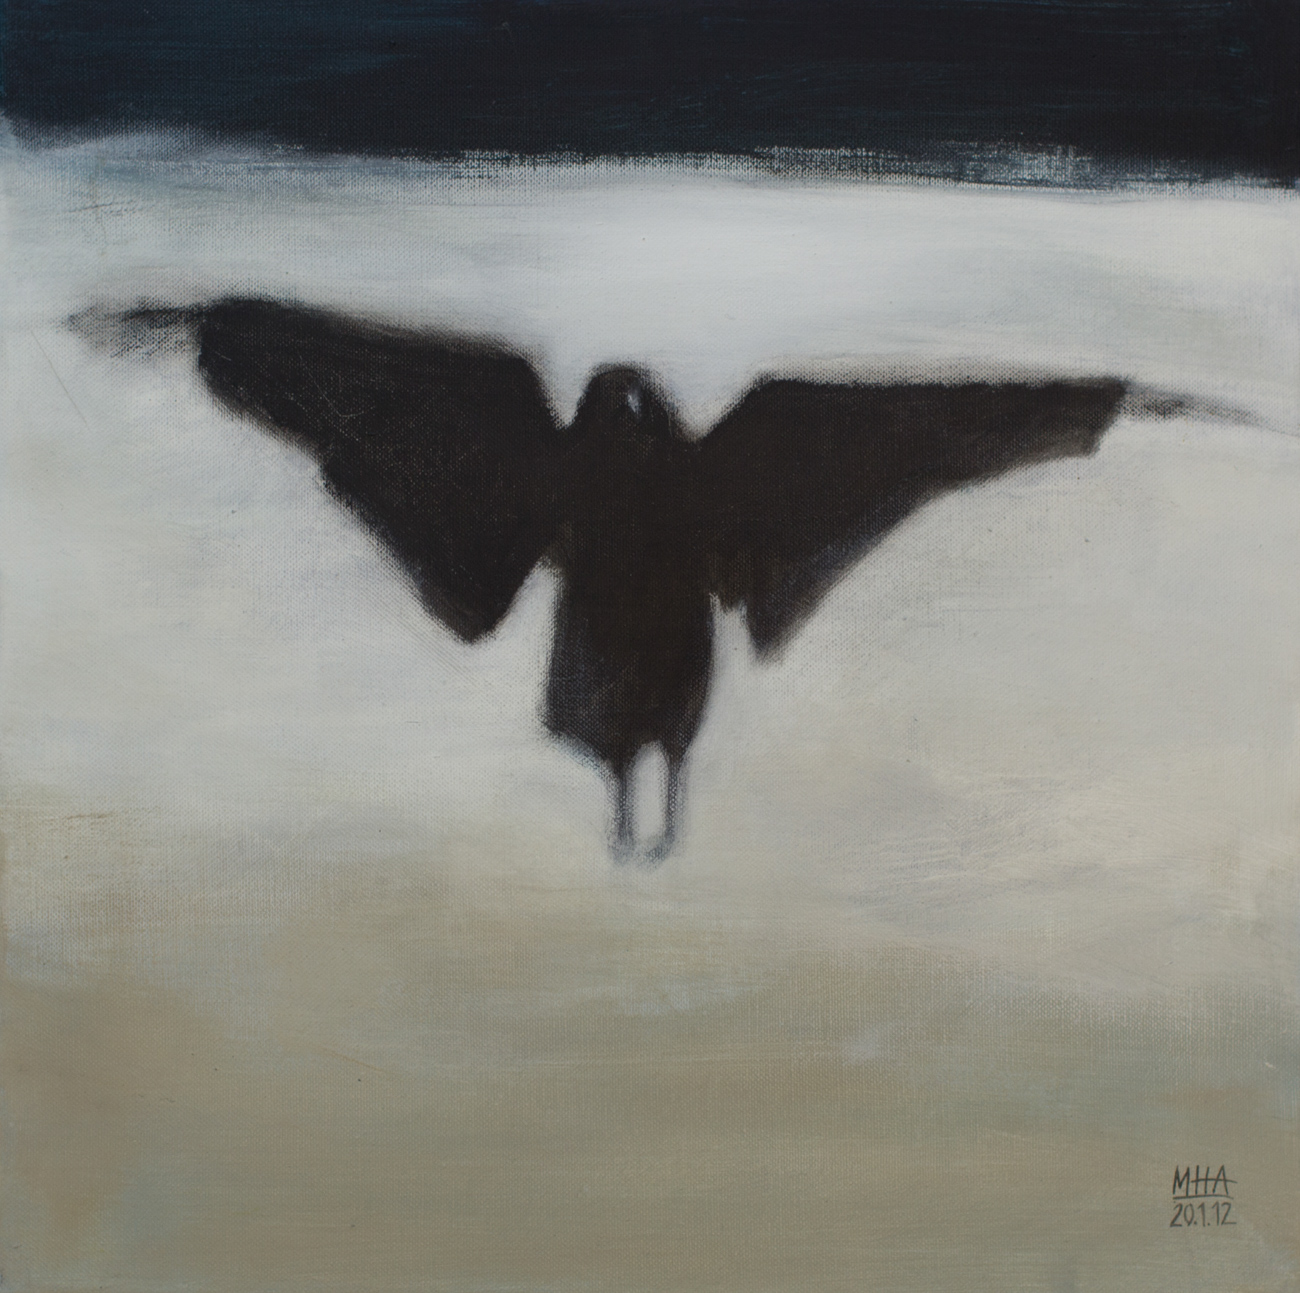 Krähe 3 , 2012,Acryl auf Leinwand, 40x40 cm